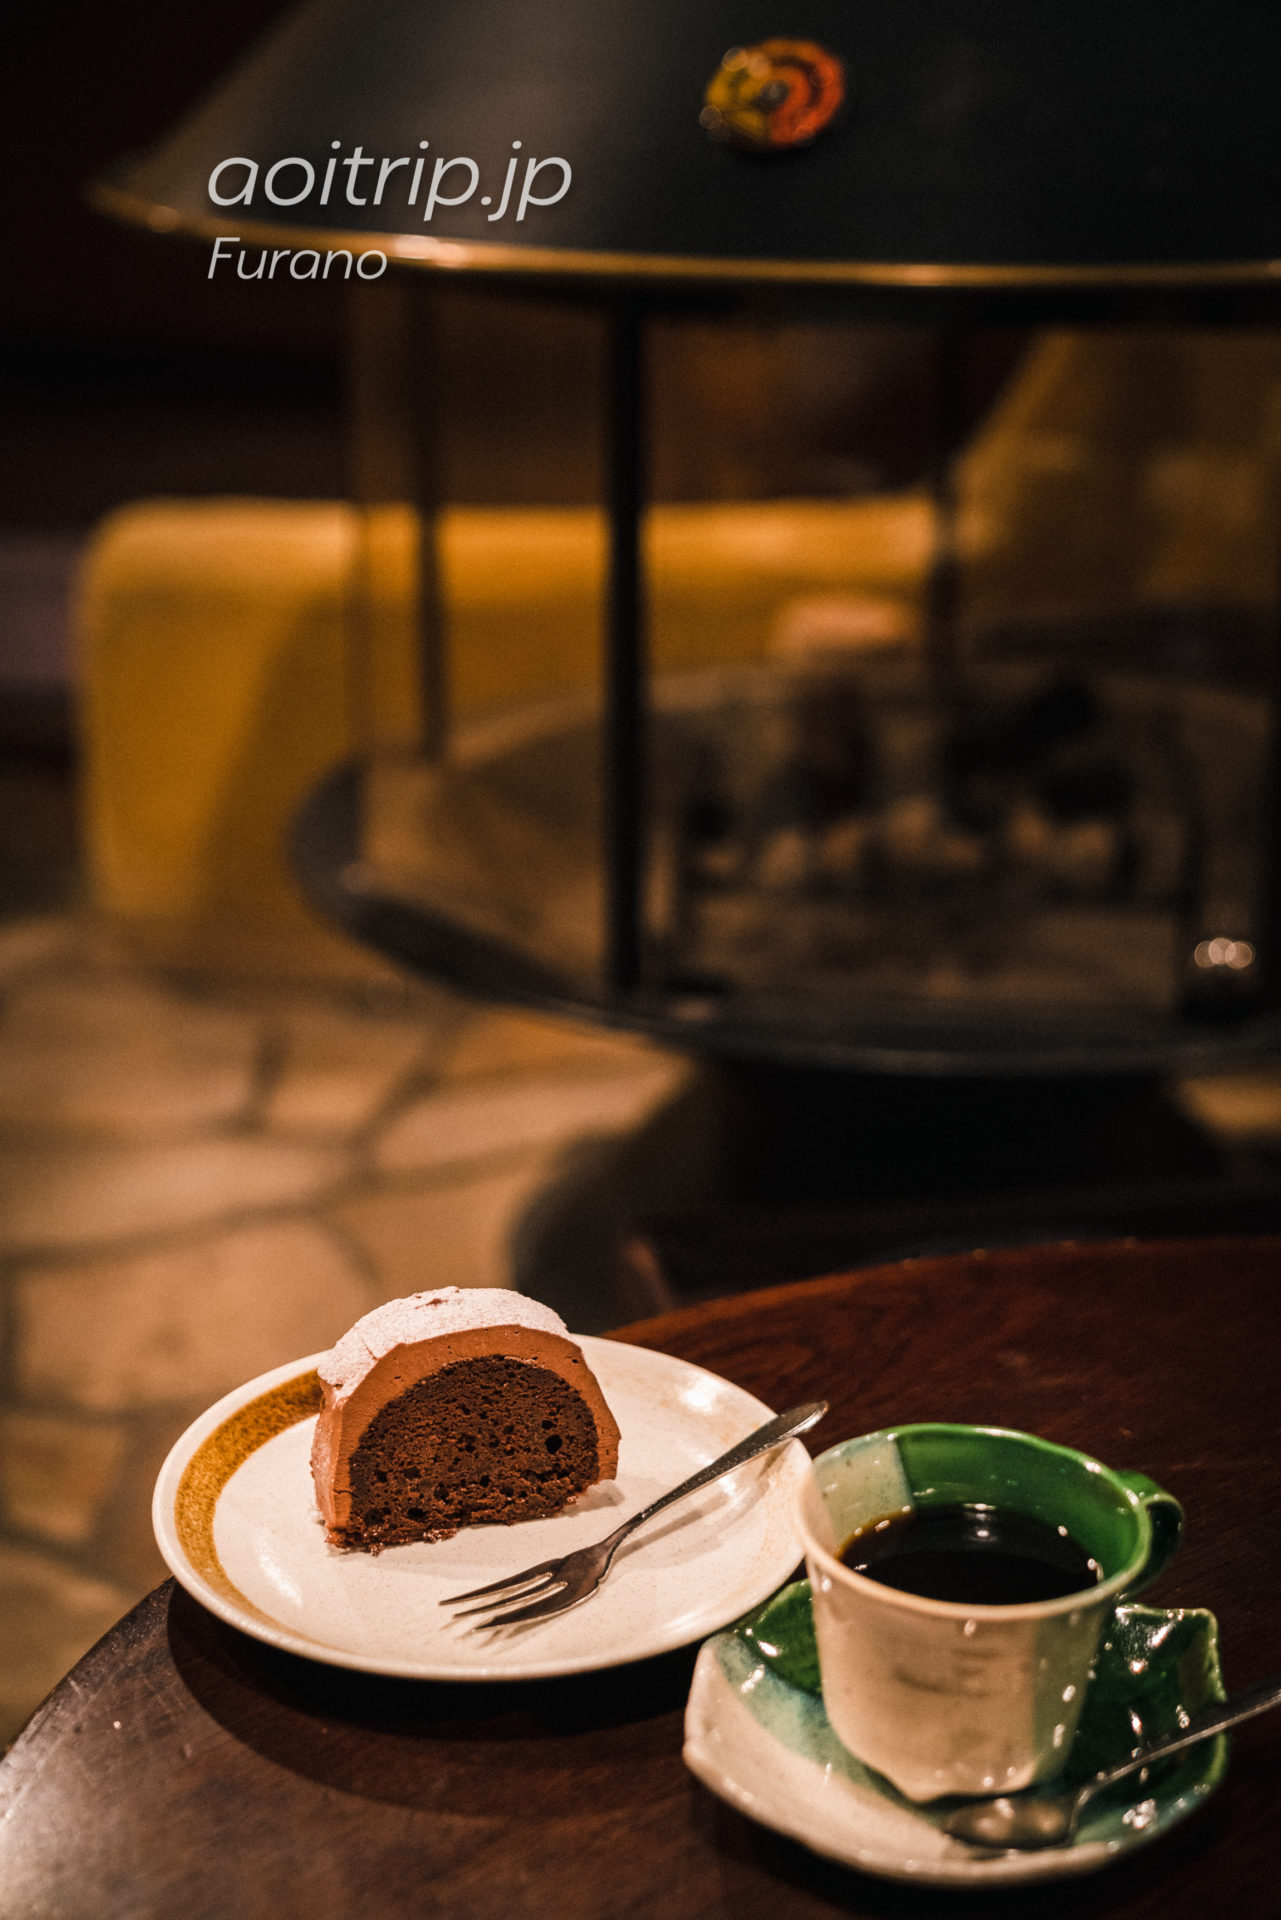 富良野・森の時計のブレンドコーヒーとチョコレートケーキ初雪